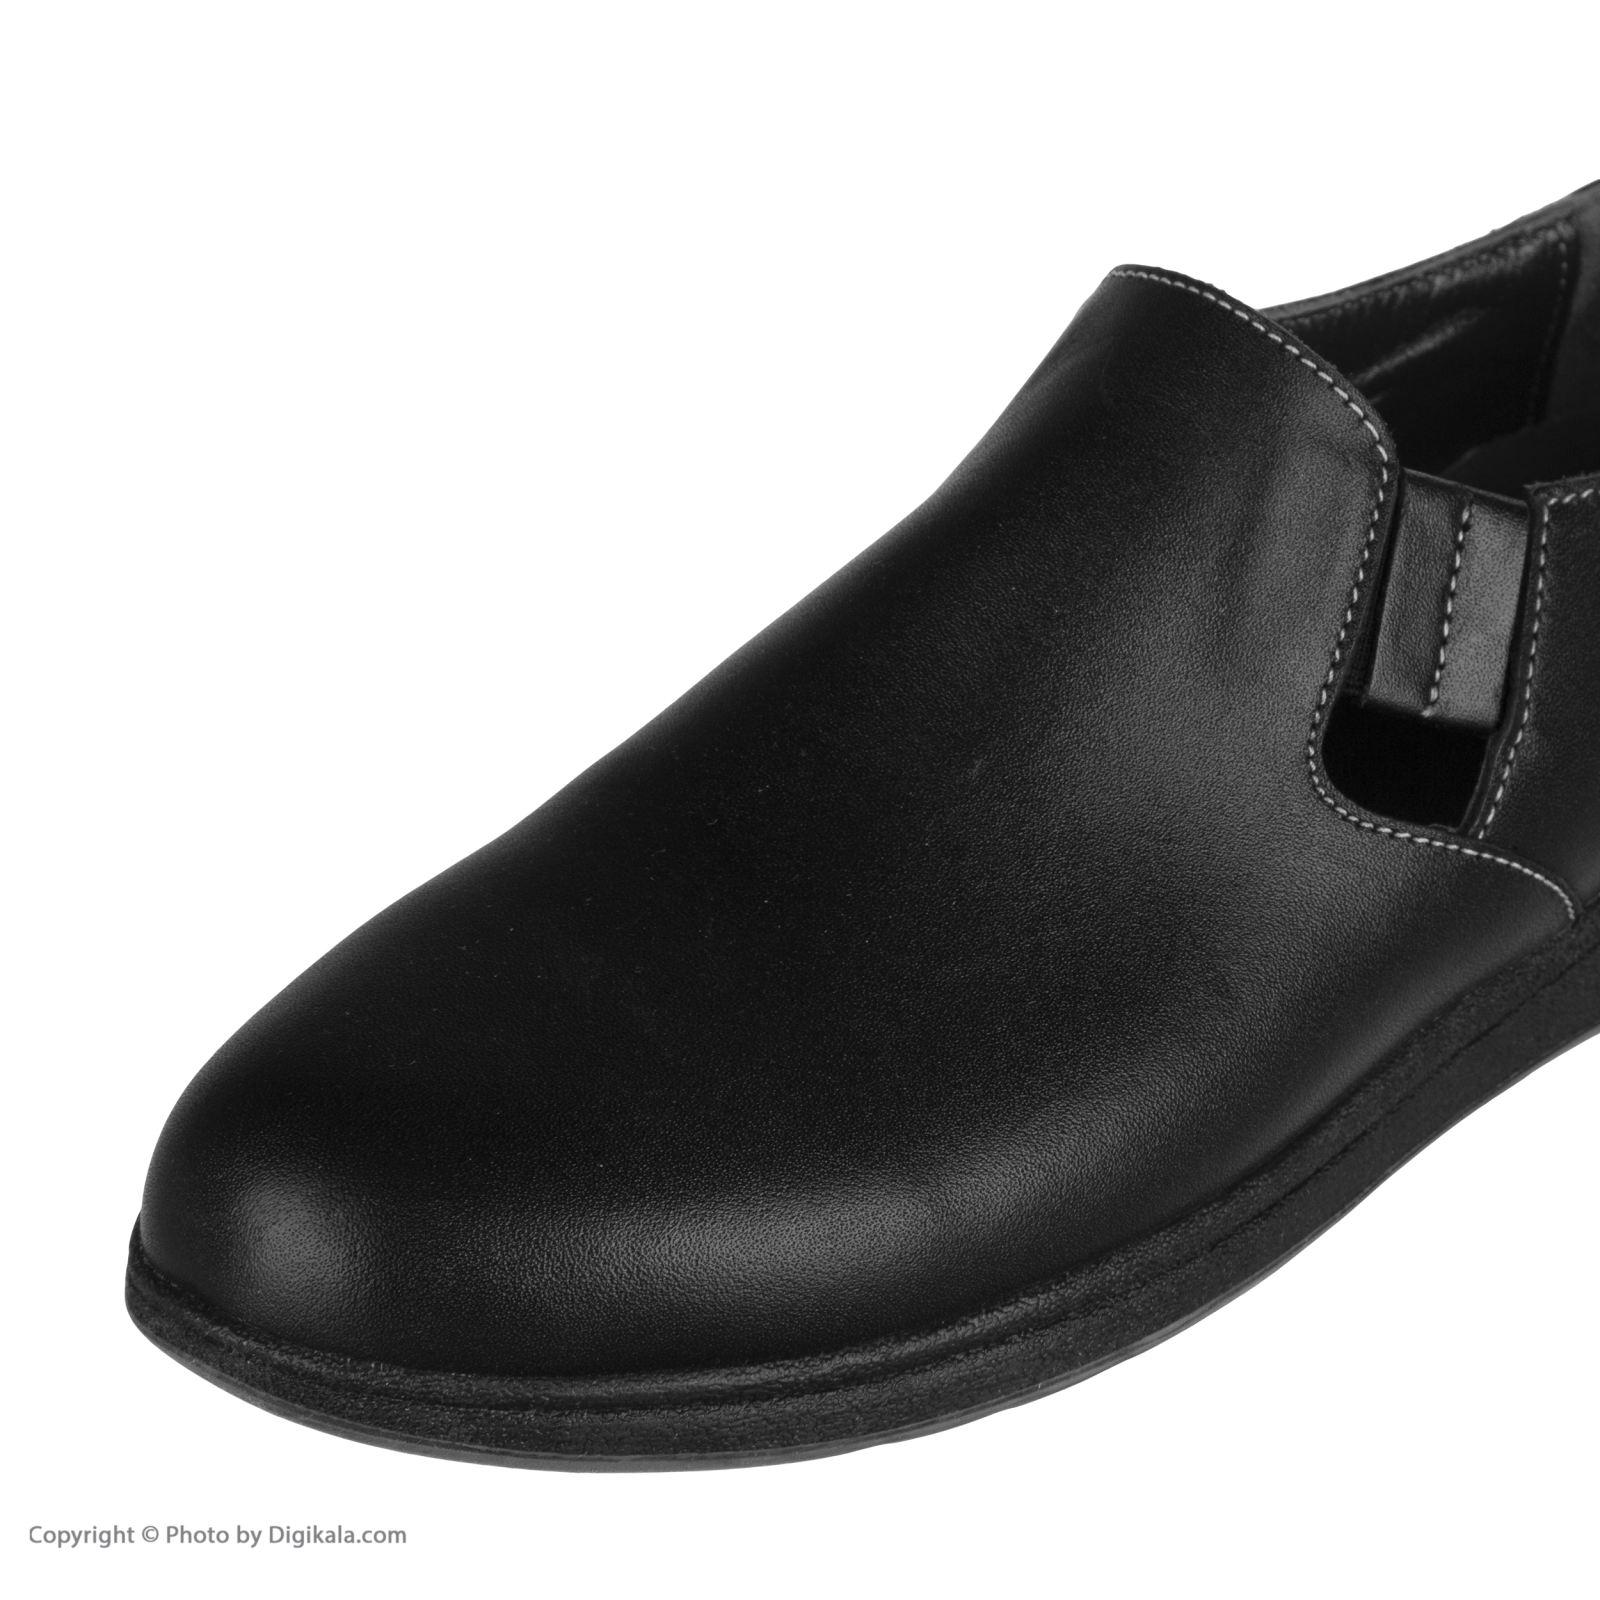 کفش روزمره زنانه سوته مدل 2958C500101 -  - 8